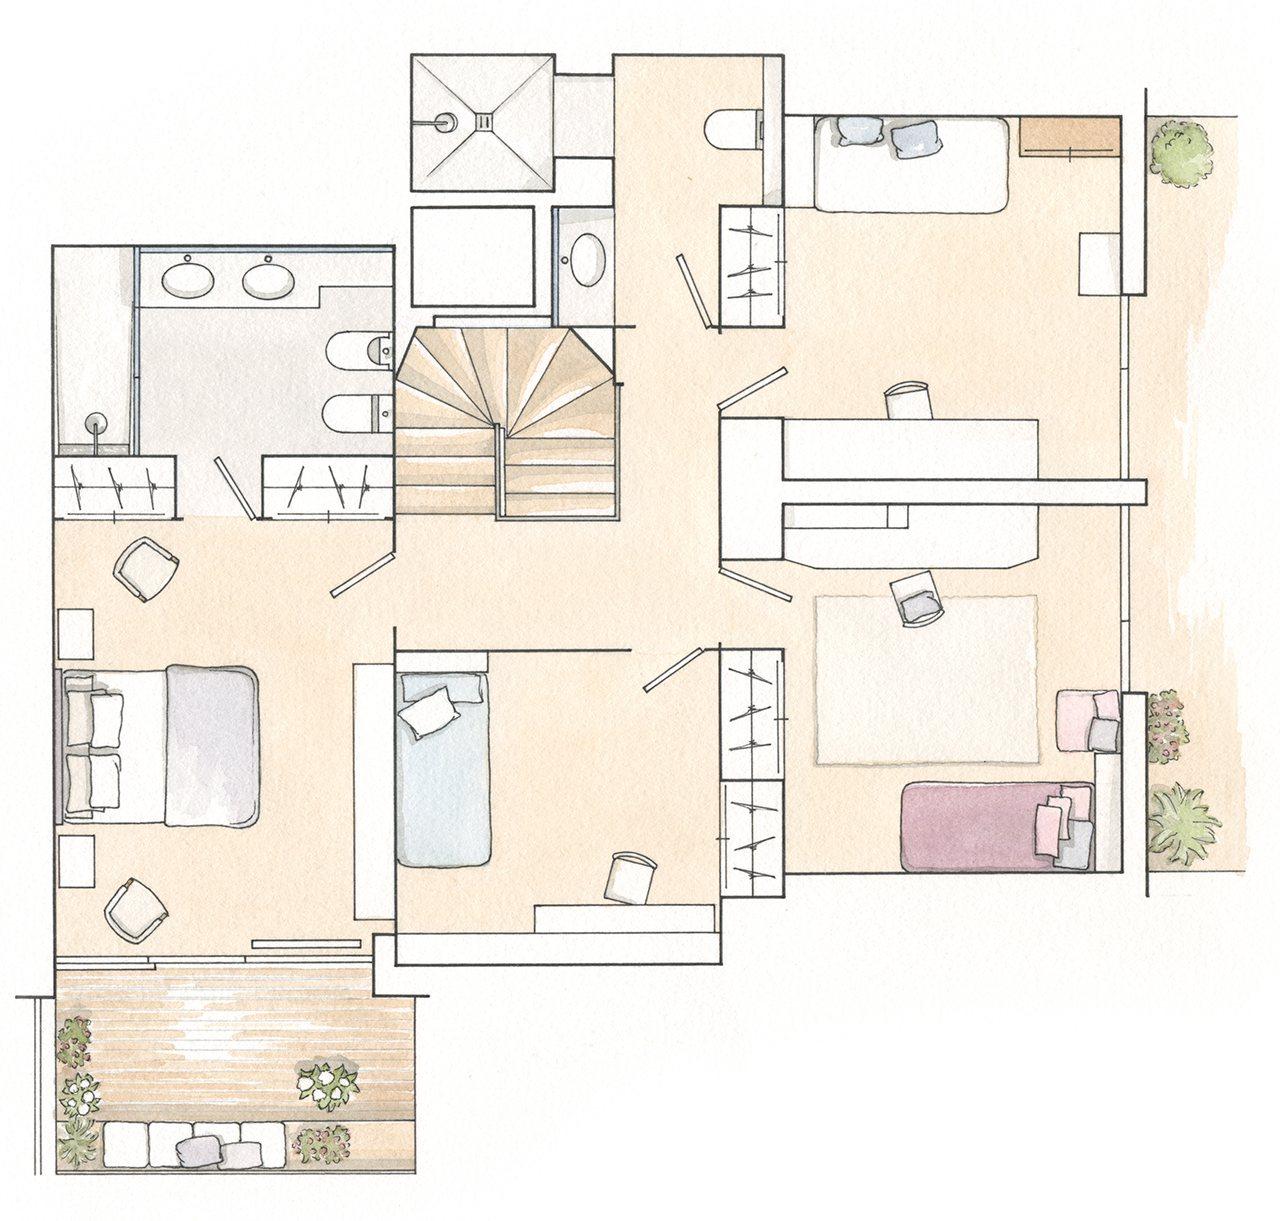 Un d plex reformado con presupuesto detallado for Distribucion de una casa de una planta